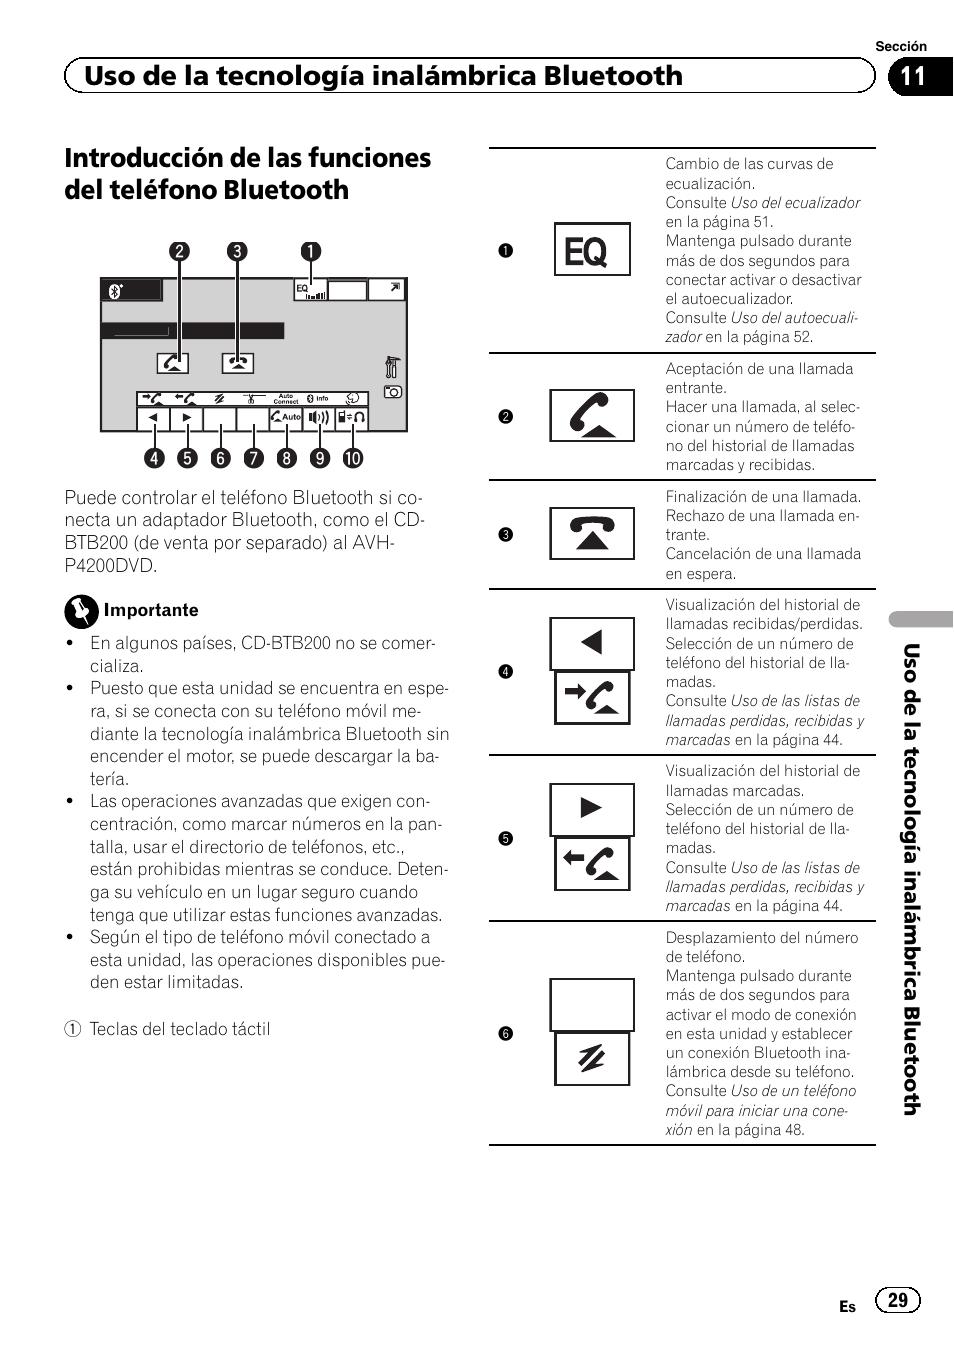 Bluetooth Uso De La Tecnologa Inalmbrica Text Scroll Avh 3200bt Pioneer Manual Del Usuario Pgina 29 104